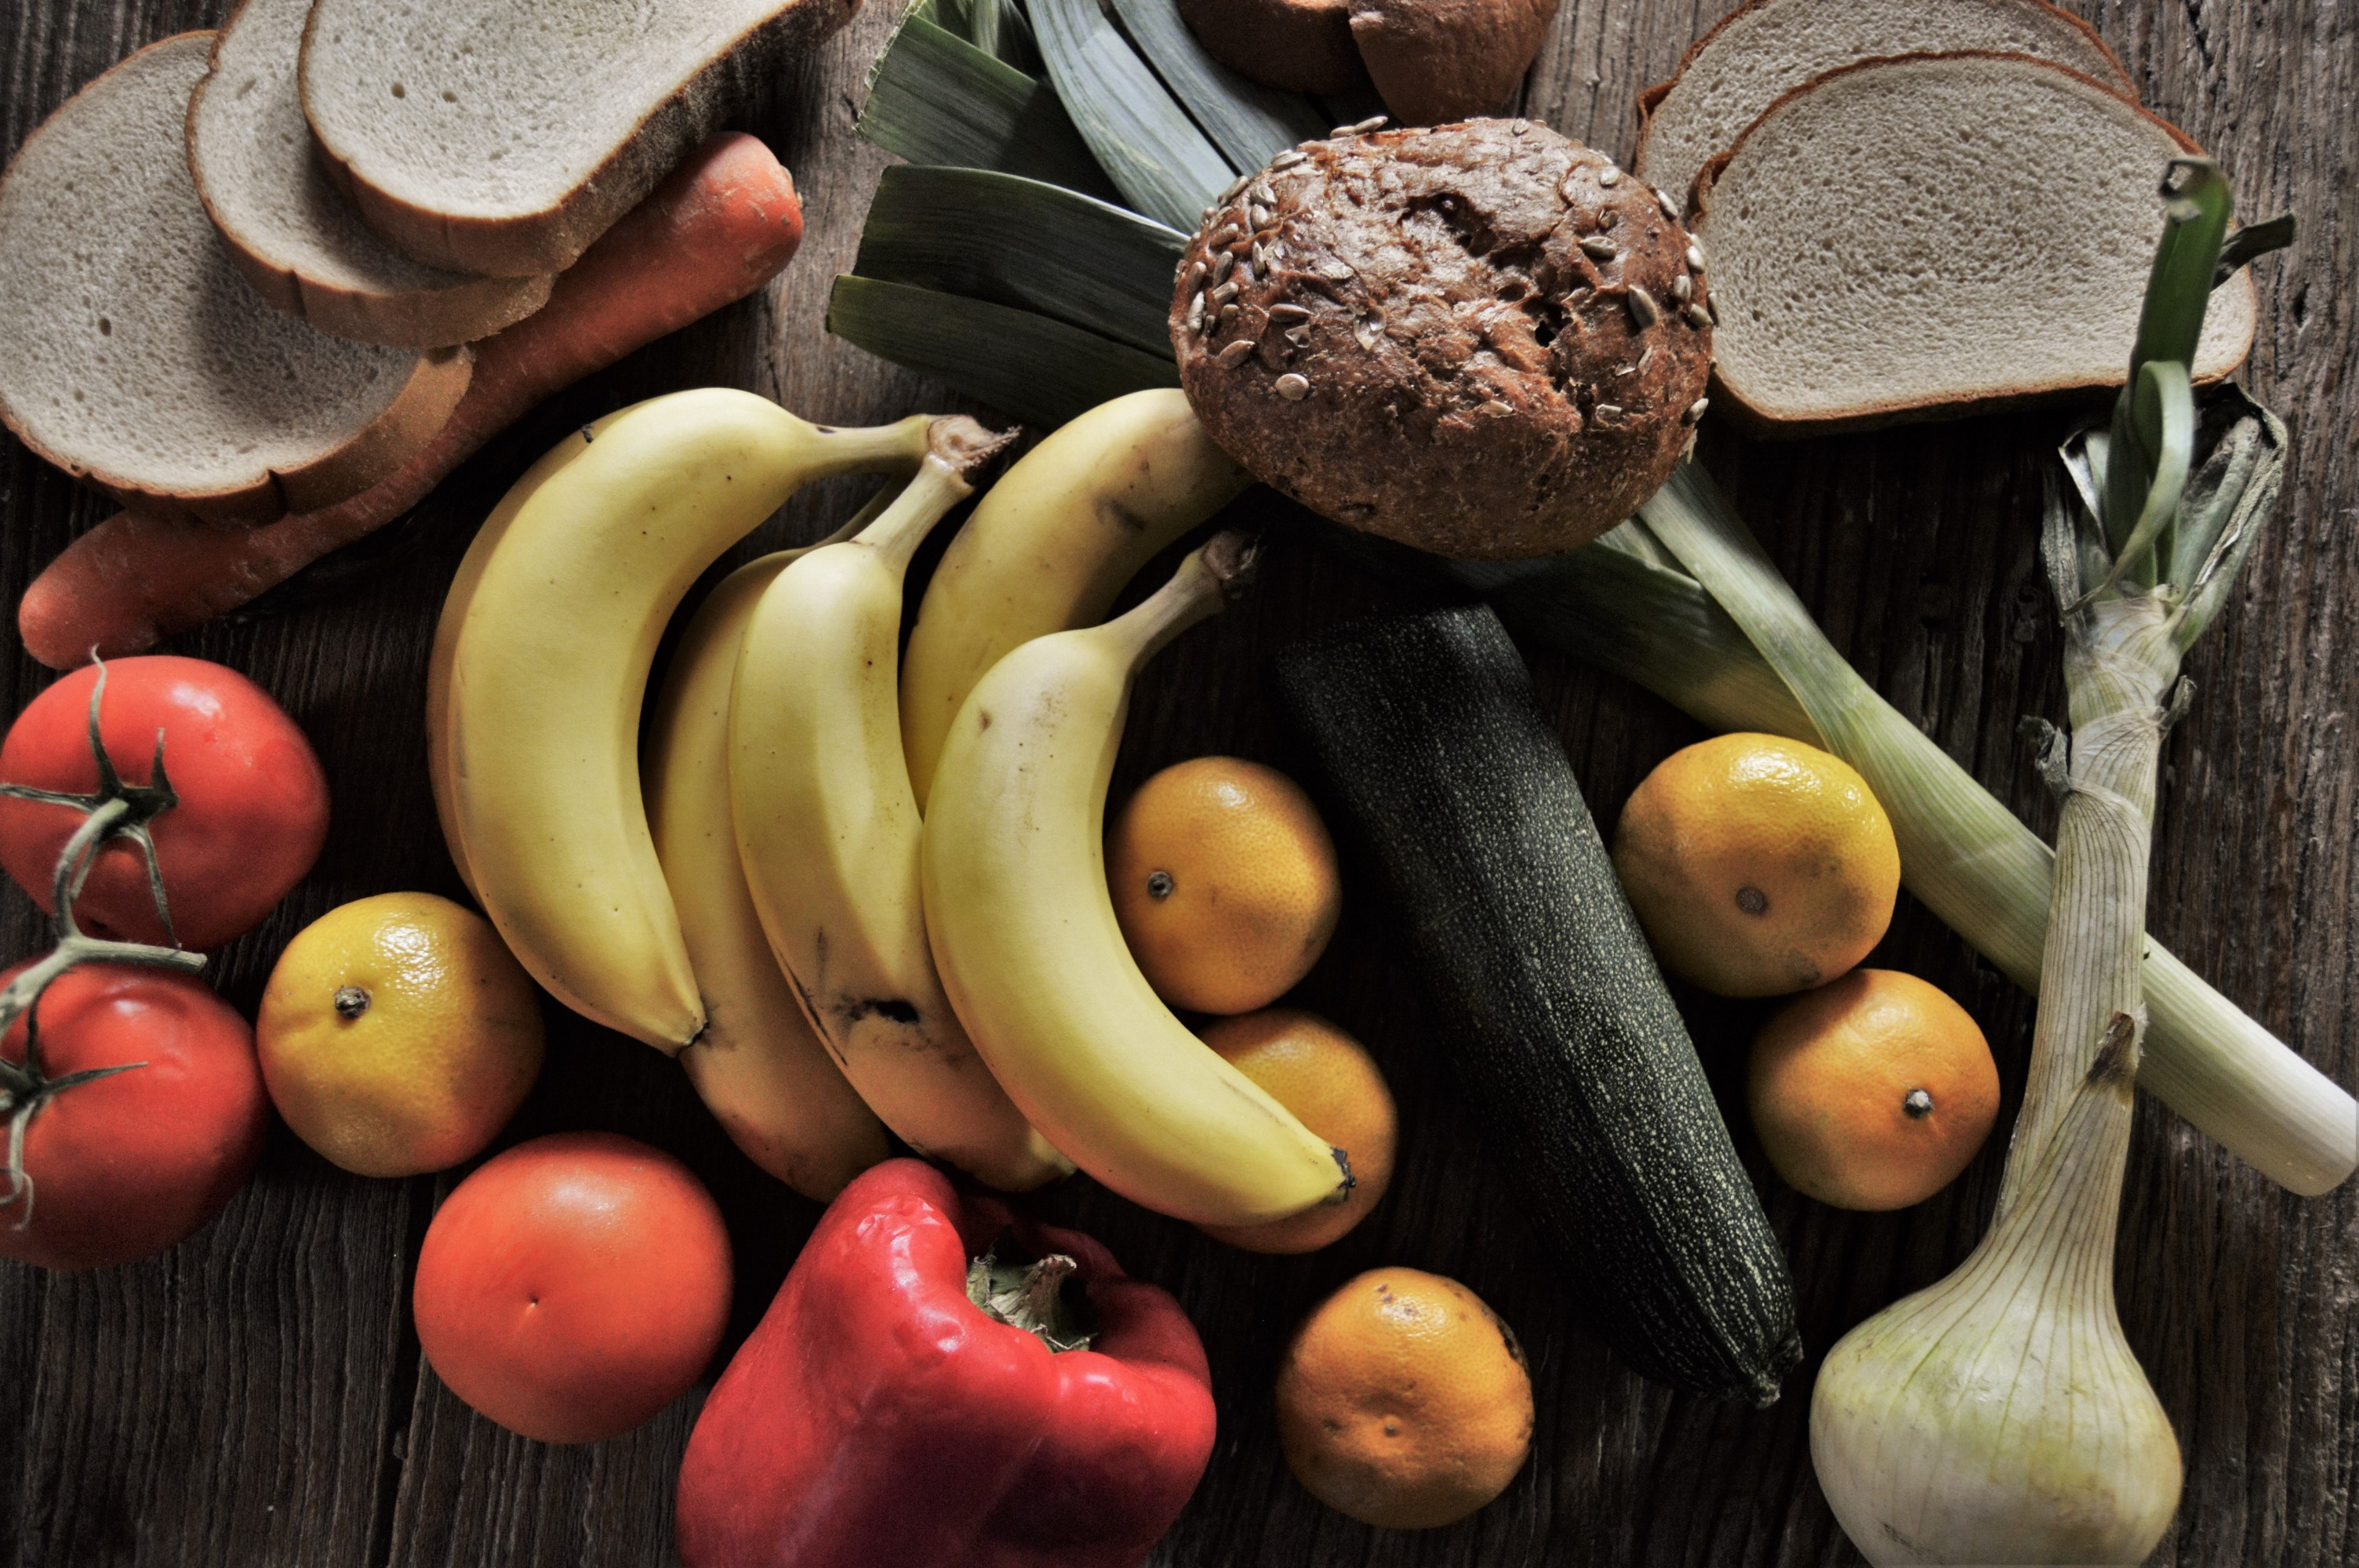 94593 Заставки и Обои Овощи на телефон. Скачать Бананы, Фрукты, Еда, Овощи, Мандарины картинки бесплатно